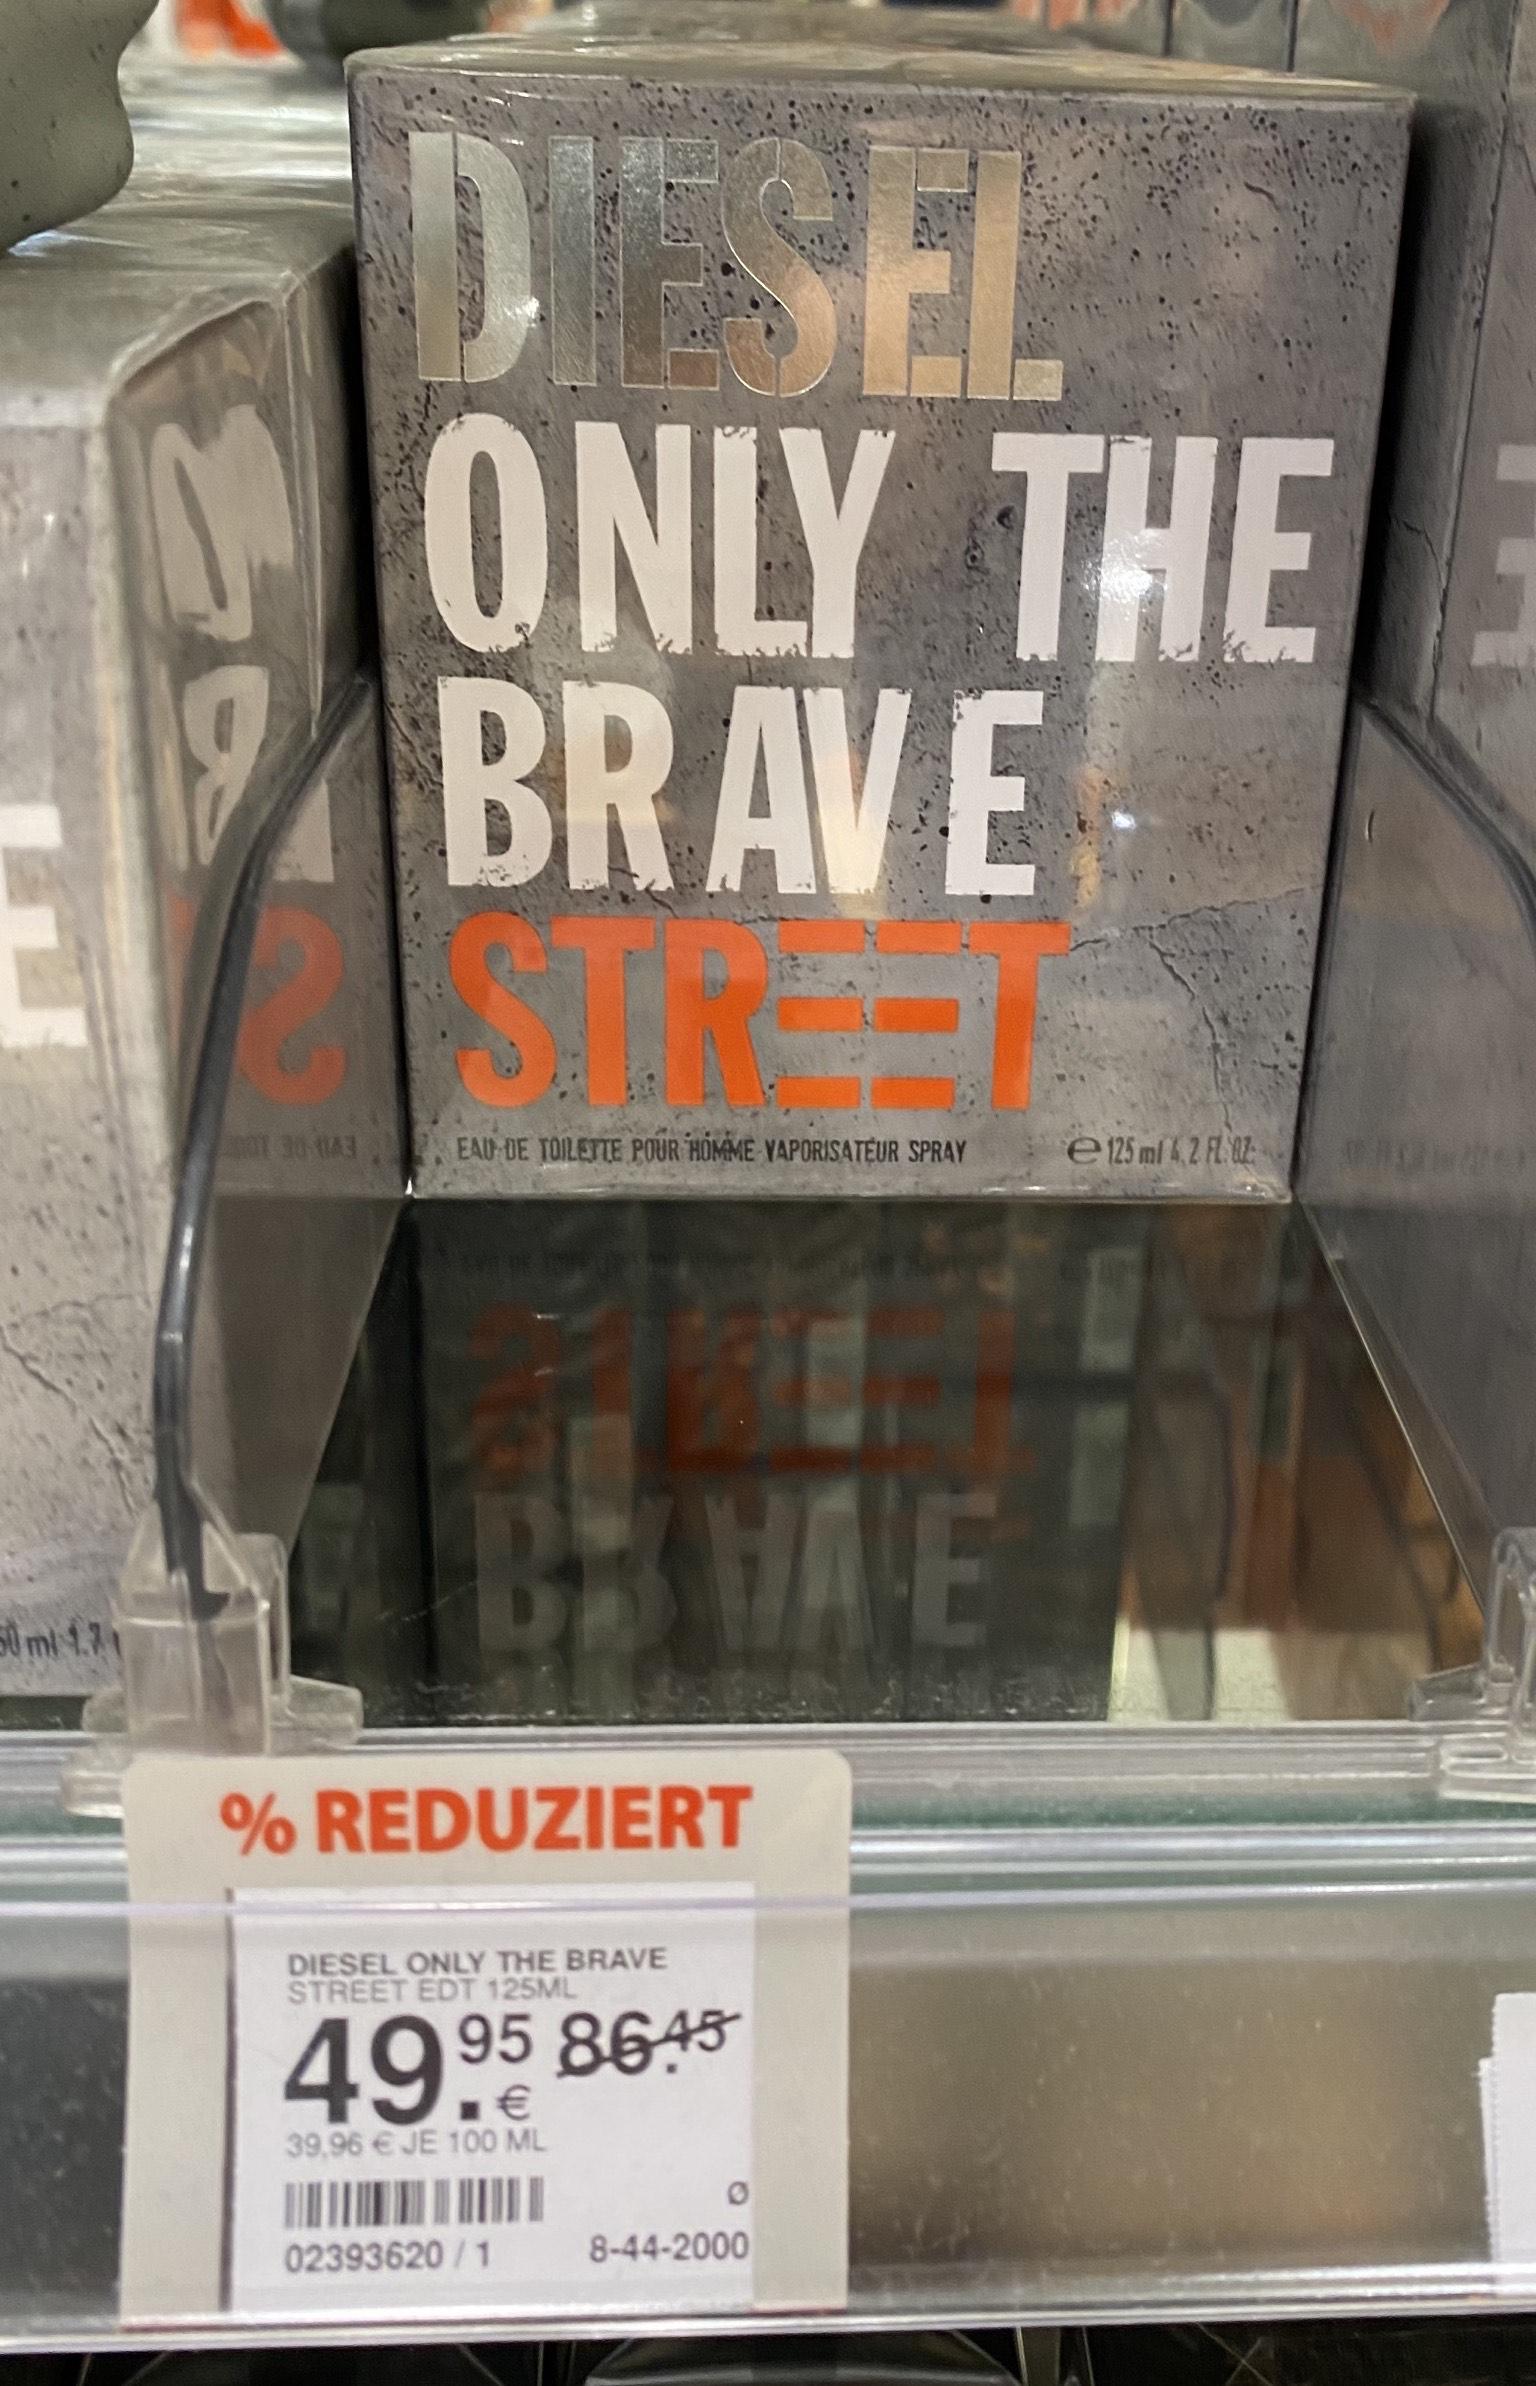 [Müller] Parfum Diesel only the brave Street 125ml für den Mann !!